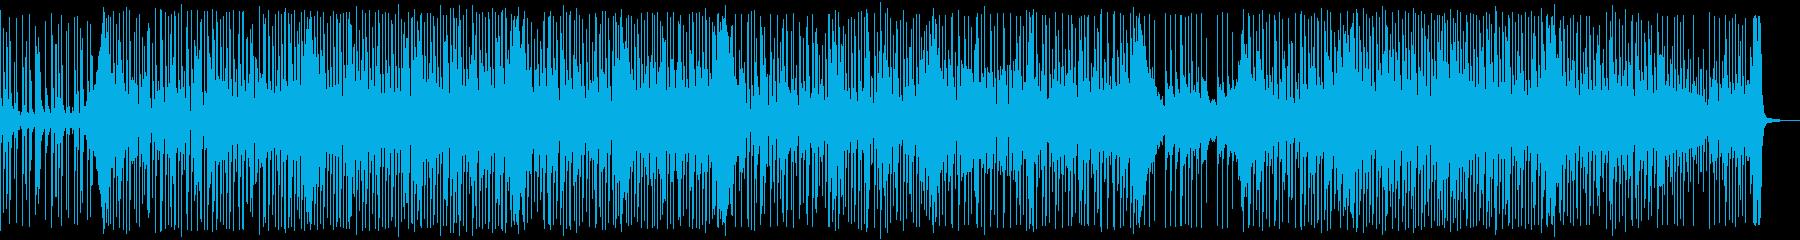 可愛くて爽やかなリズムのポップス曲の再生済みの波形